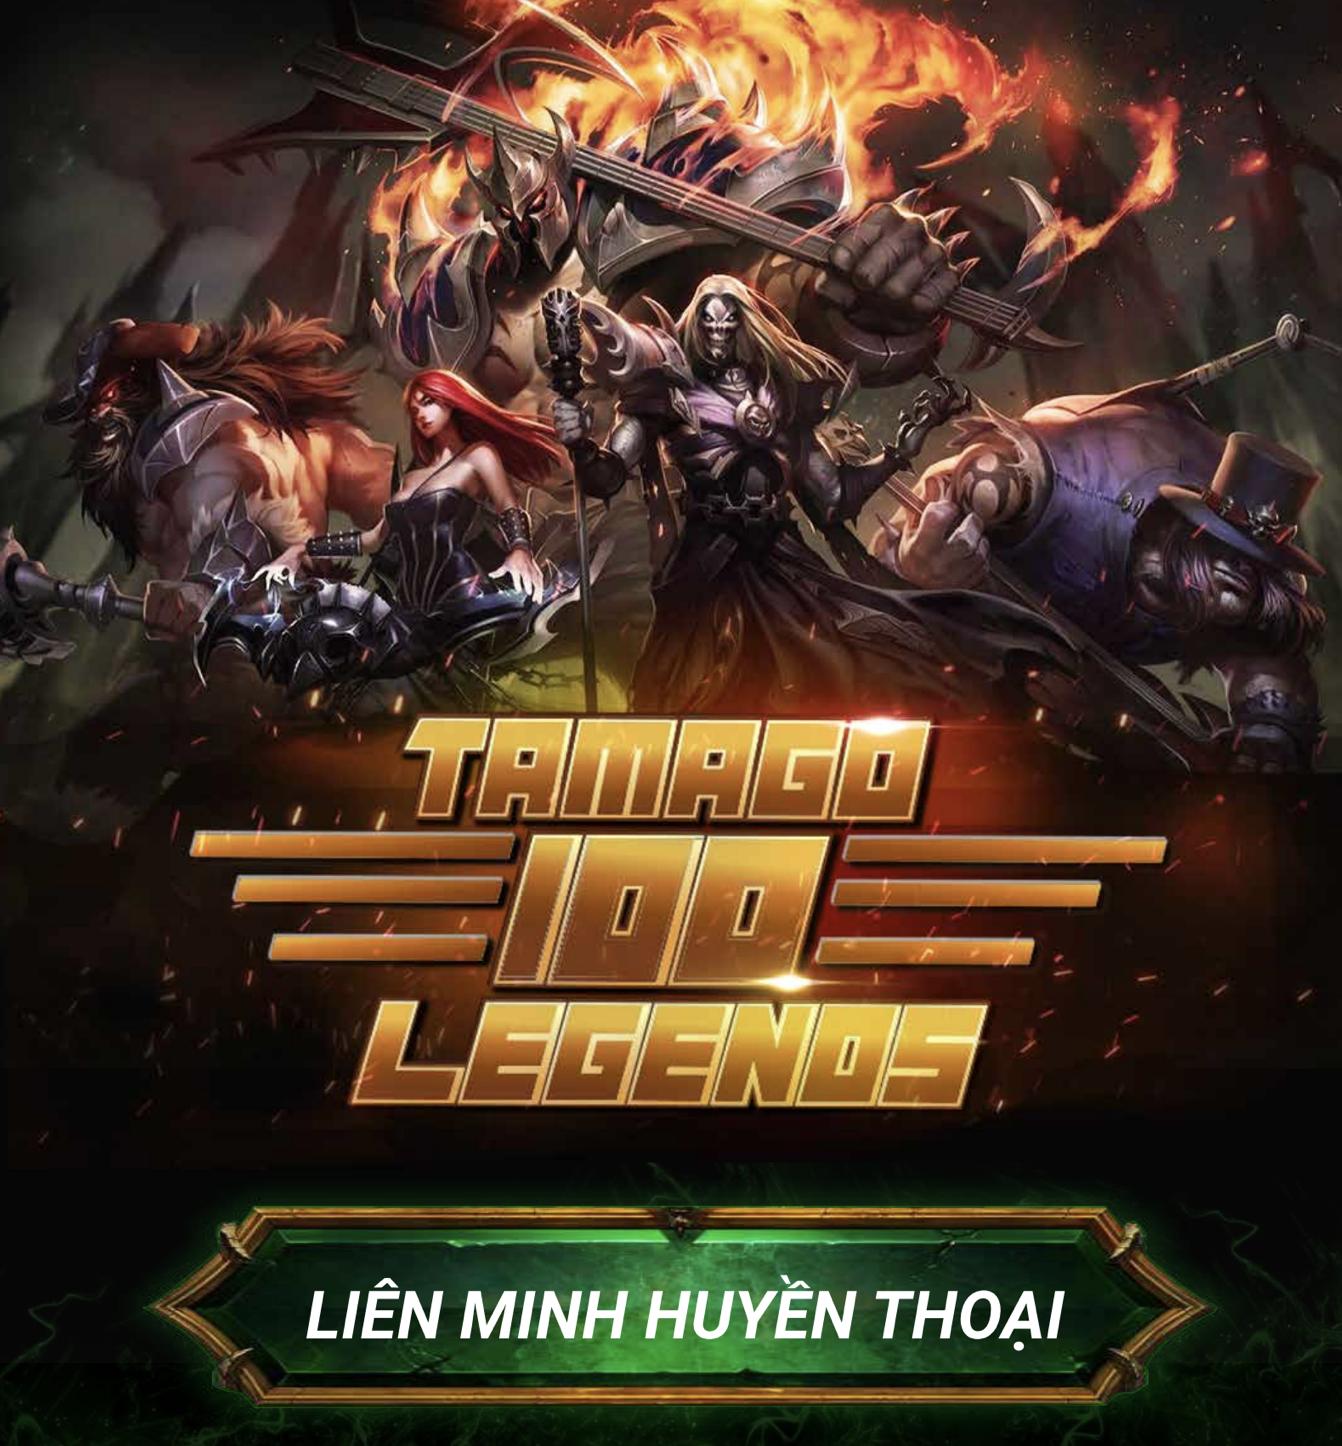 Ứng dụng livestream Tamago tung sự kiện khủng cho giới game thủ Việt vào tham gia 1